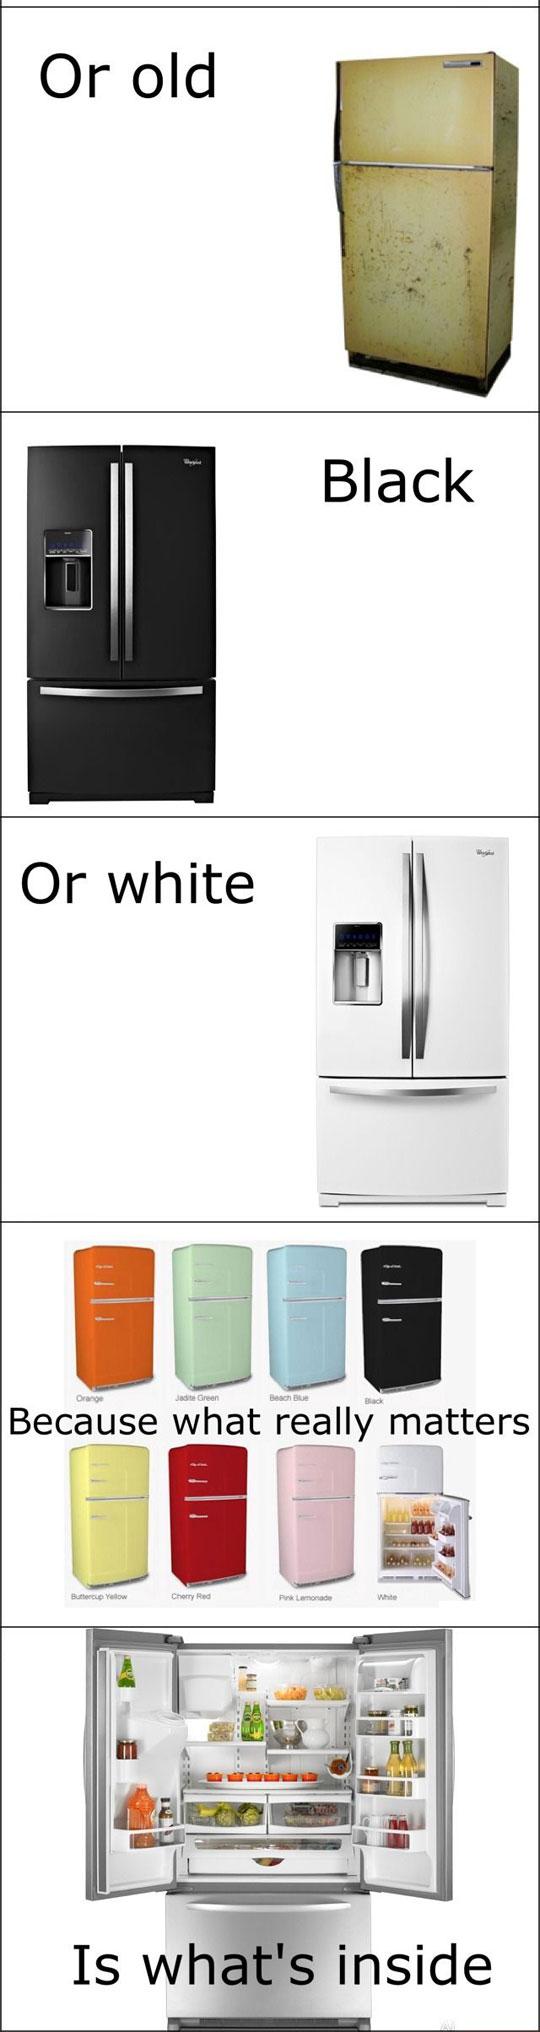 funny-people-like-fridge-analogy